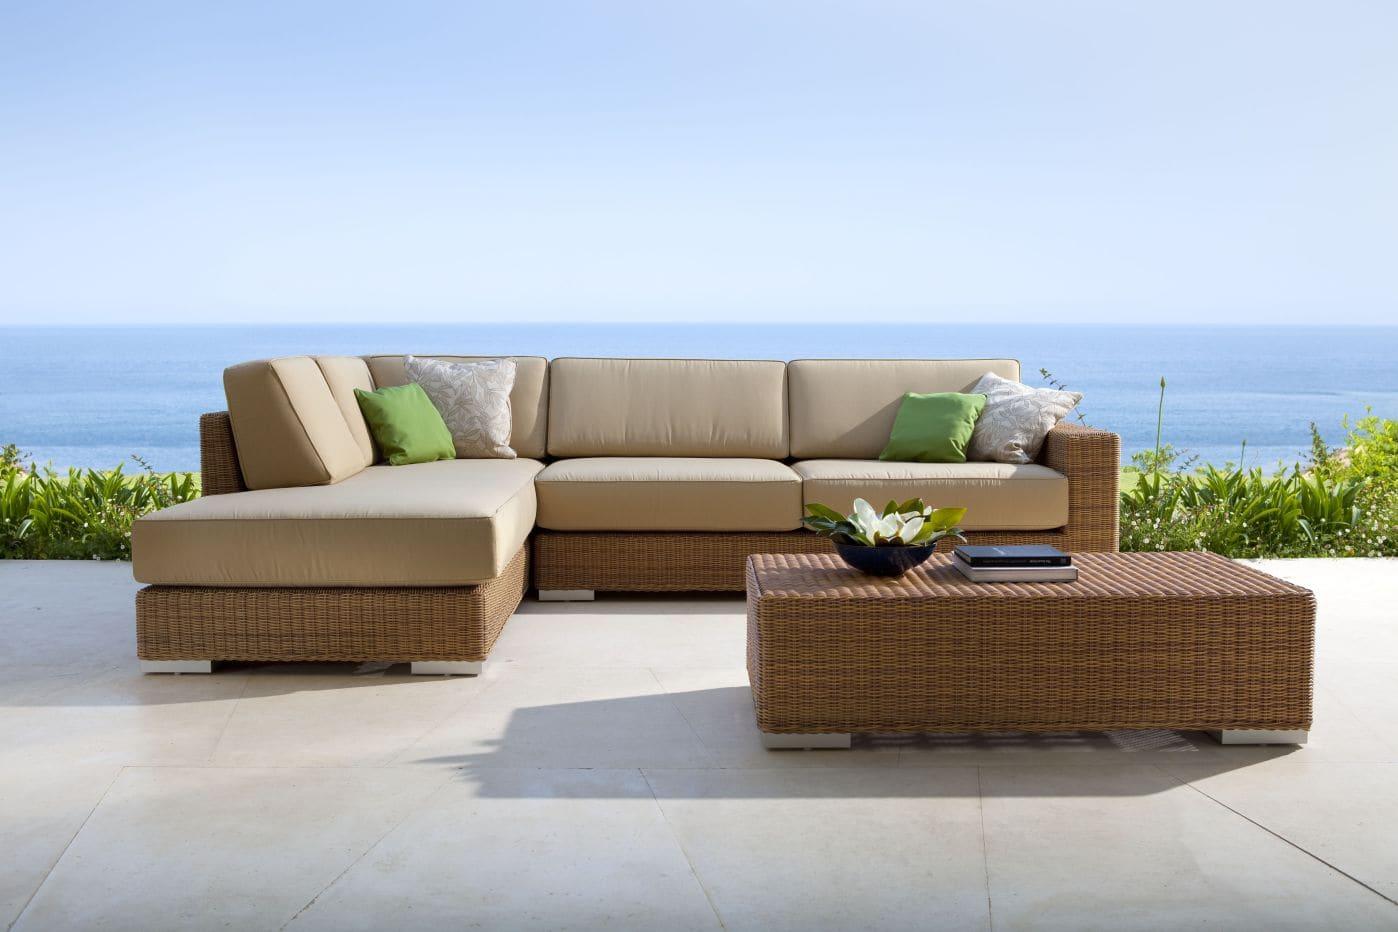 Todas las ideas para amueblar jardines y terrazas point for Mobiliario jardin terraza